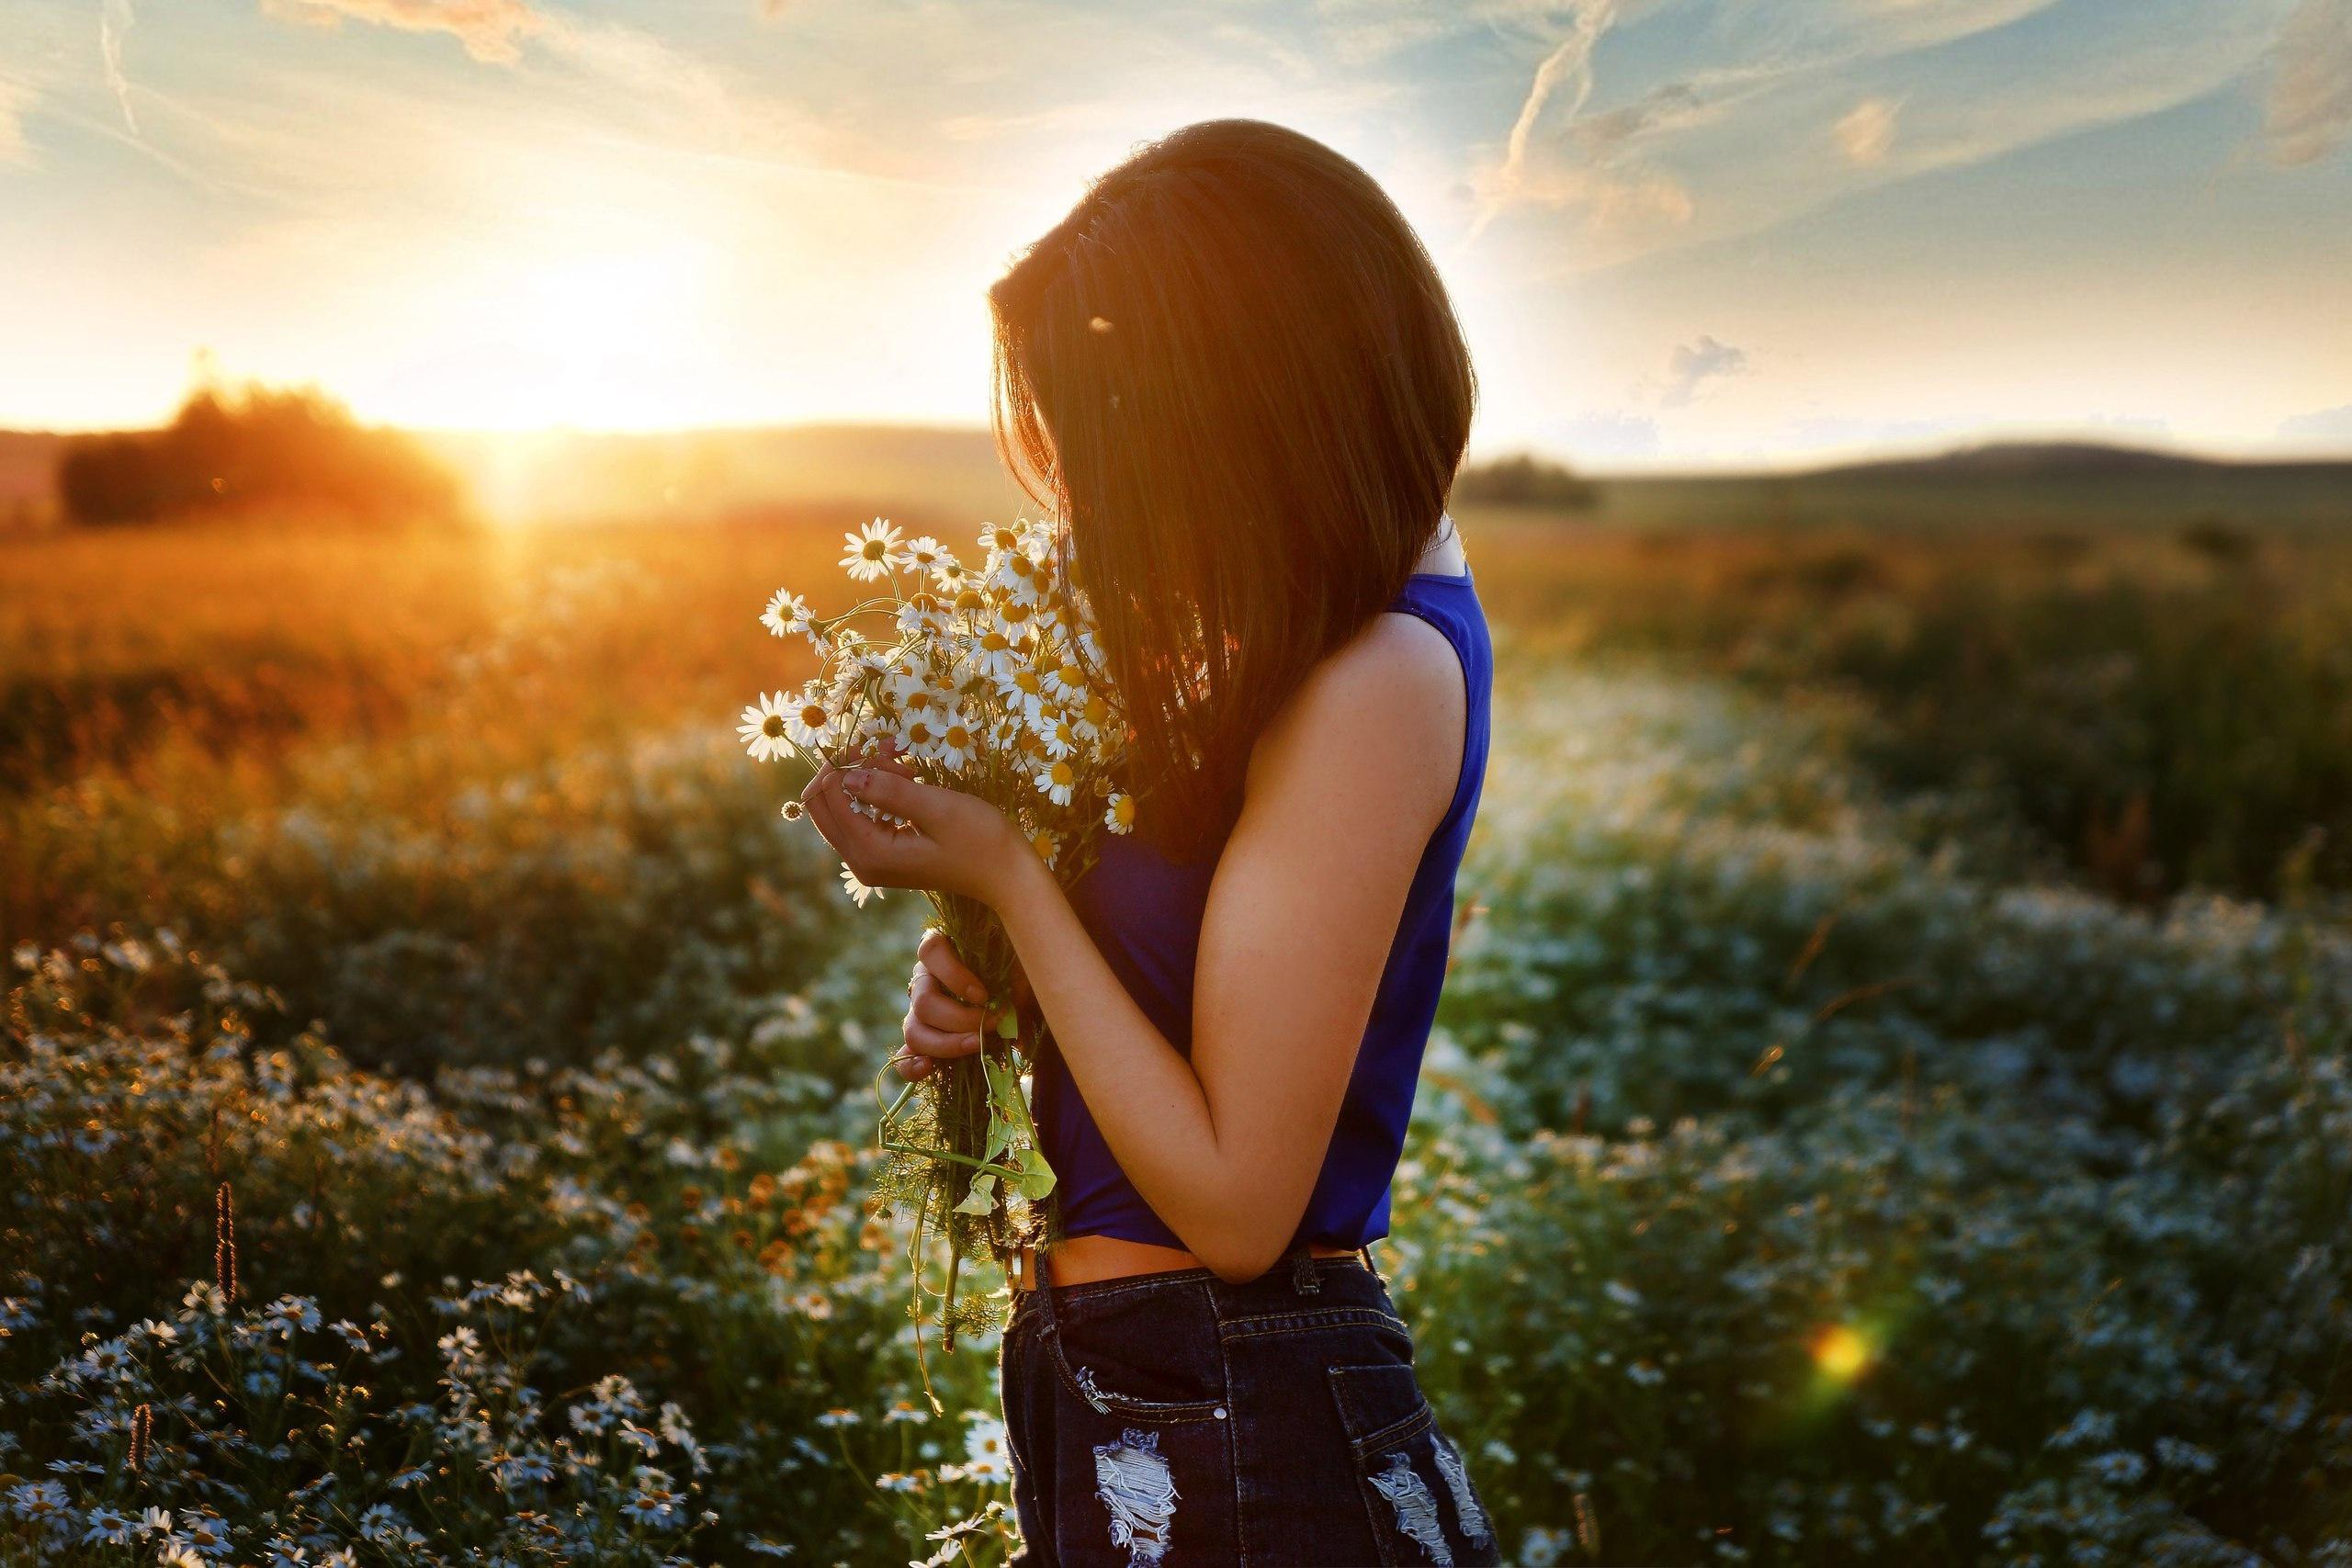 Картинка: Девушка, ромашки, цветы, поле, закат